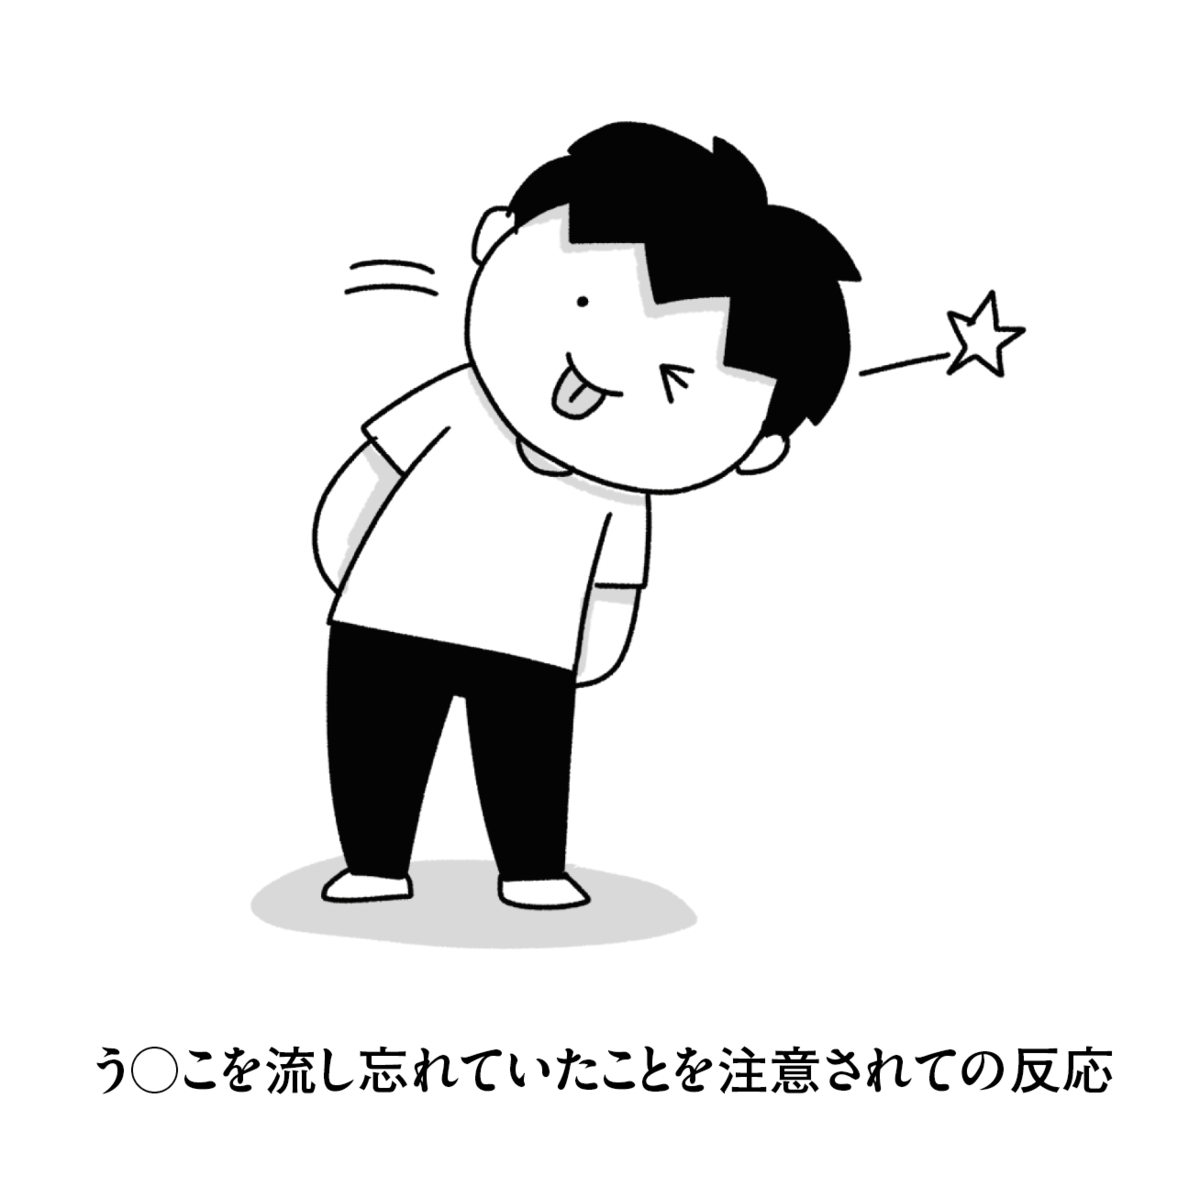 f:id:chokko_san:20201009090913p:plain